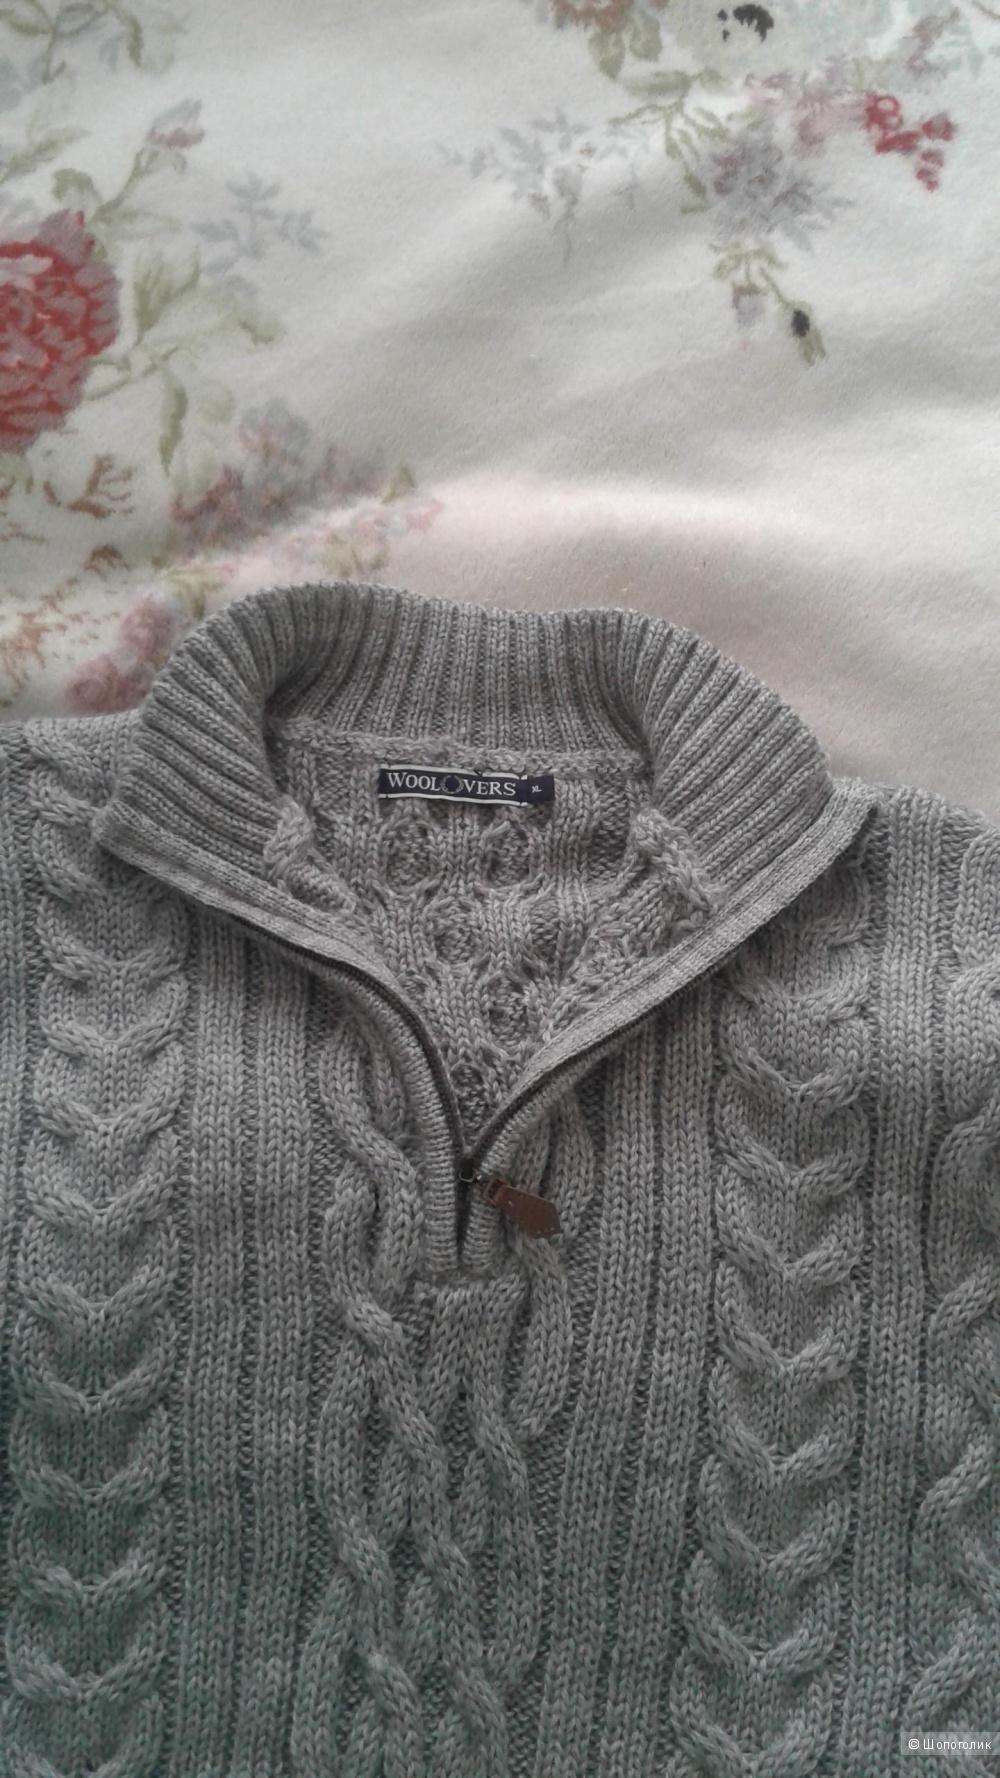 Мужской свитер из 100% овечьей шерсти Woolovers, XL